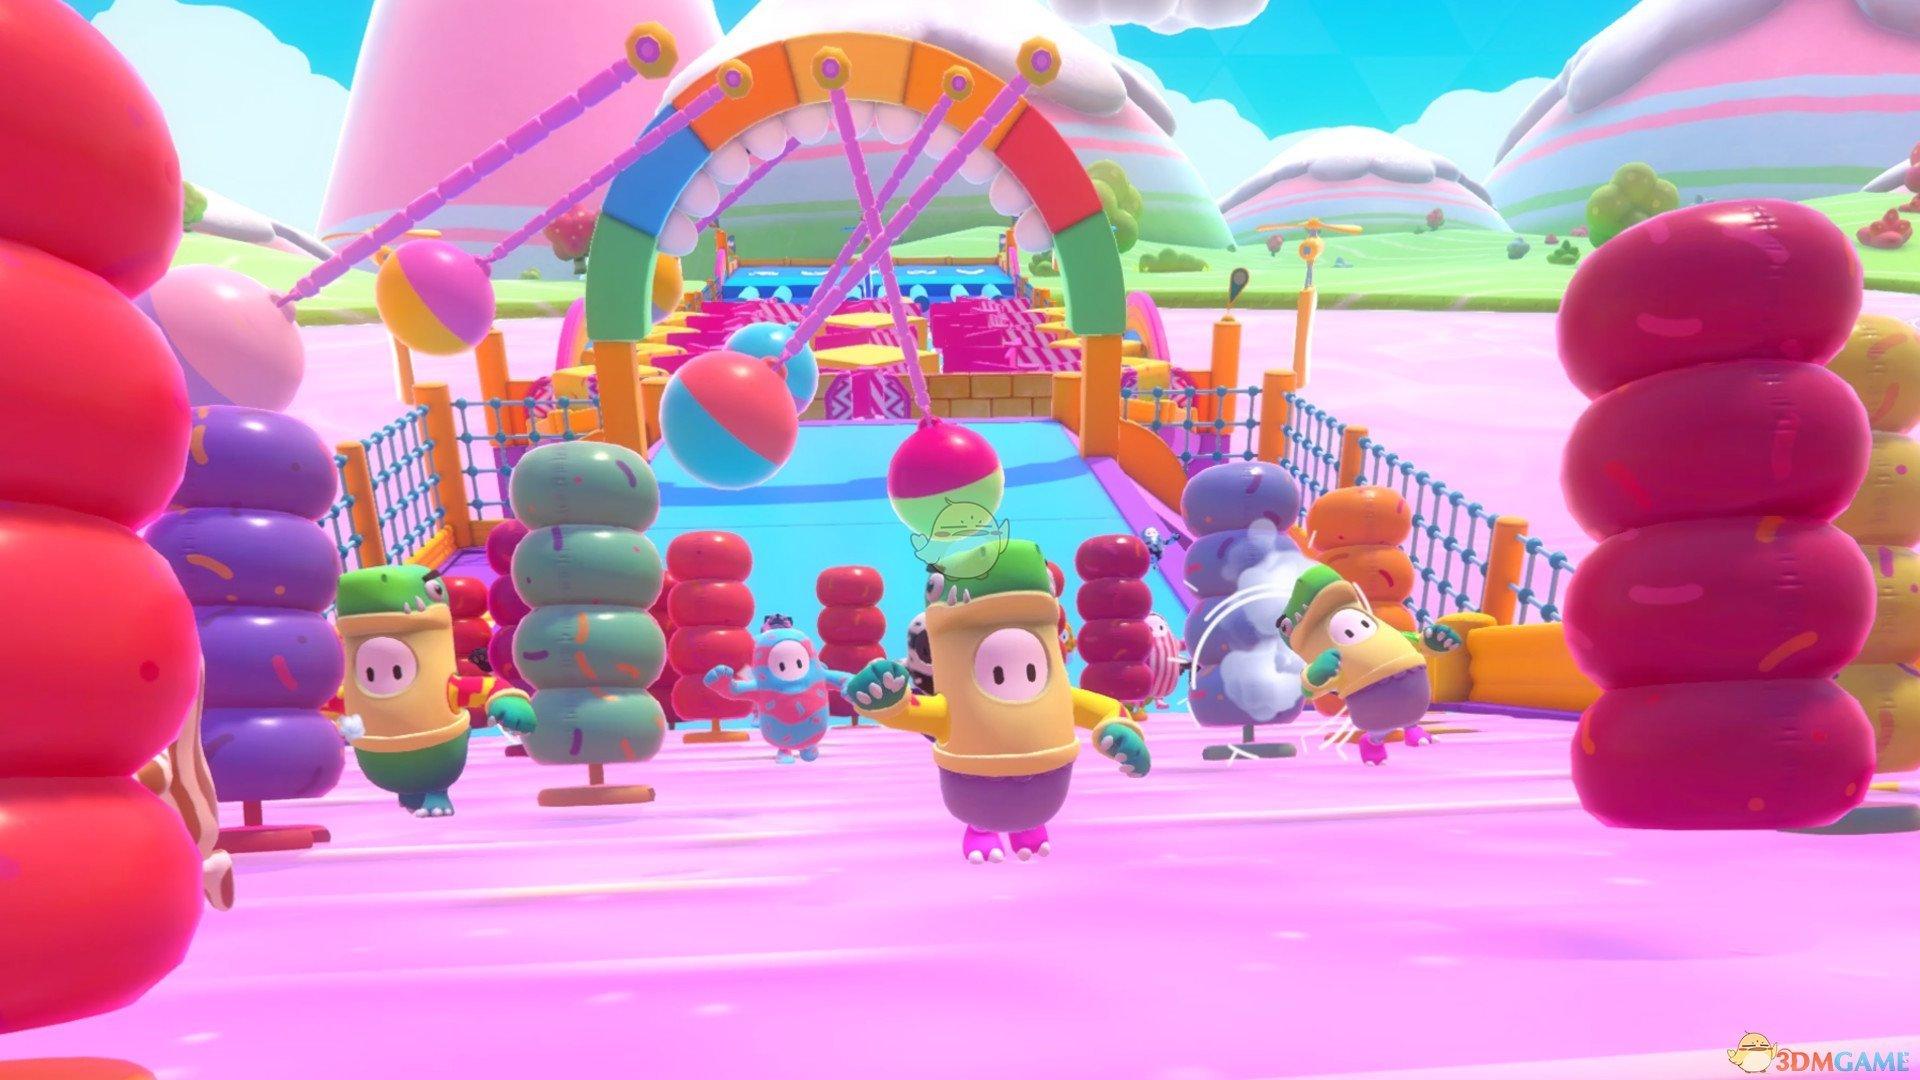 《糖豆人:终极淘汰赛》游戏配置要求一览